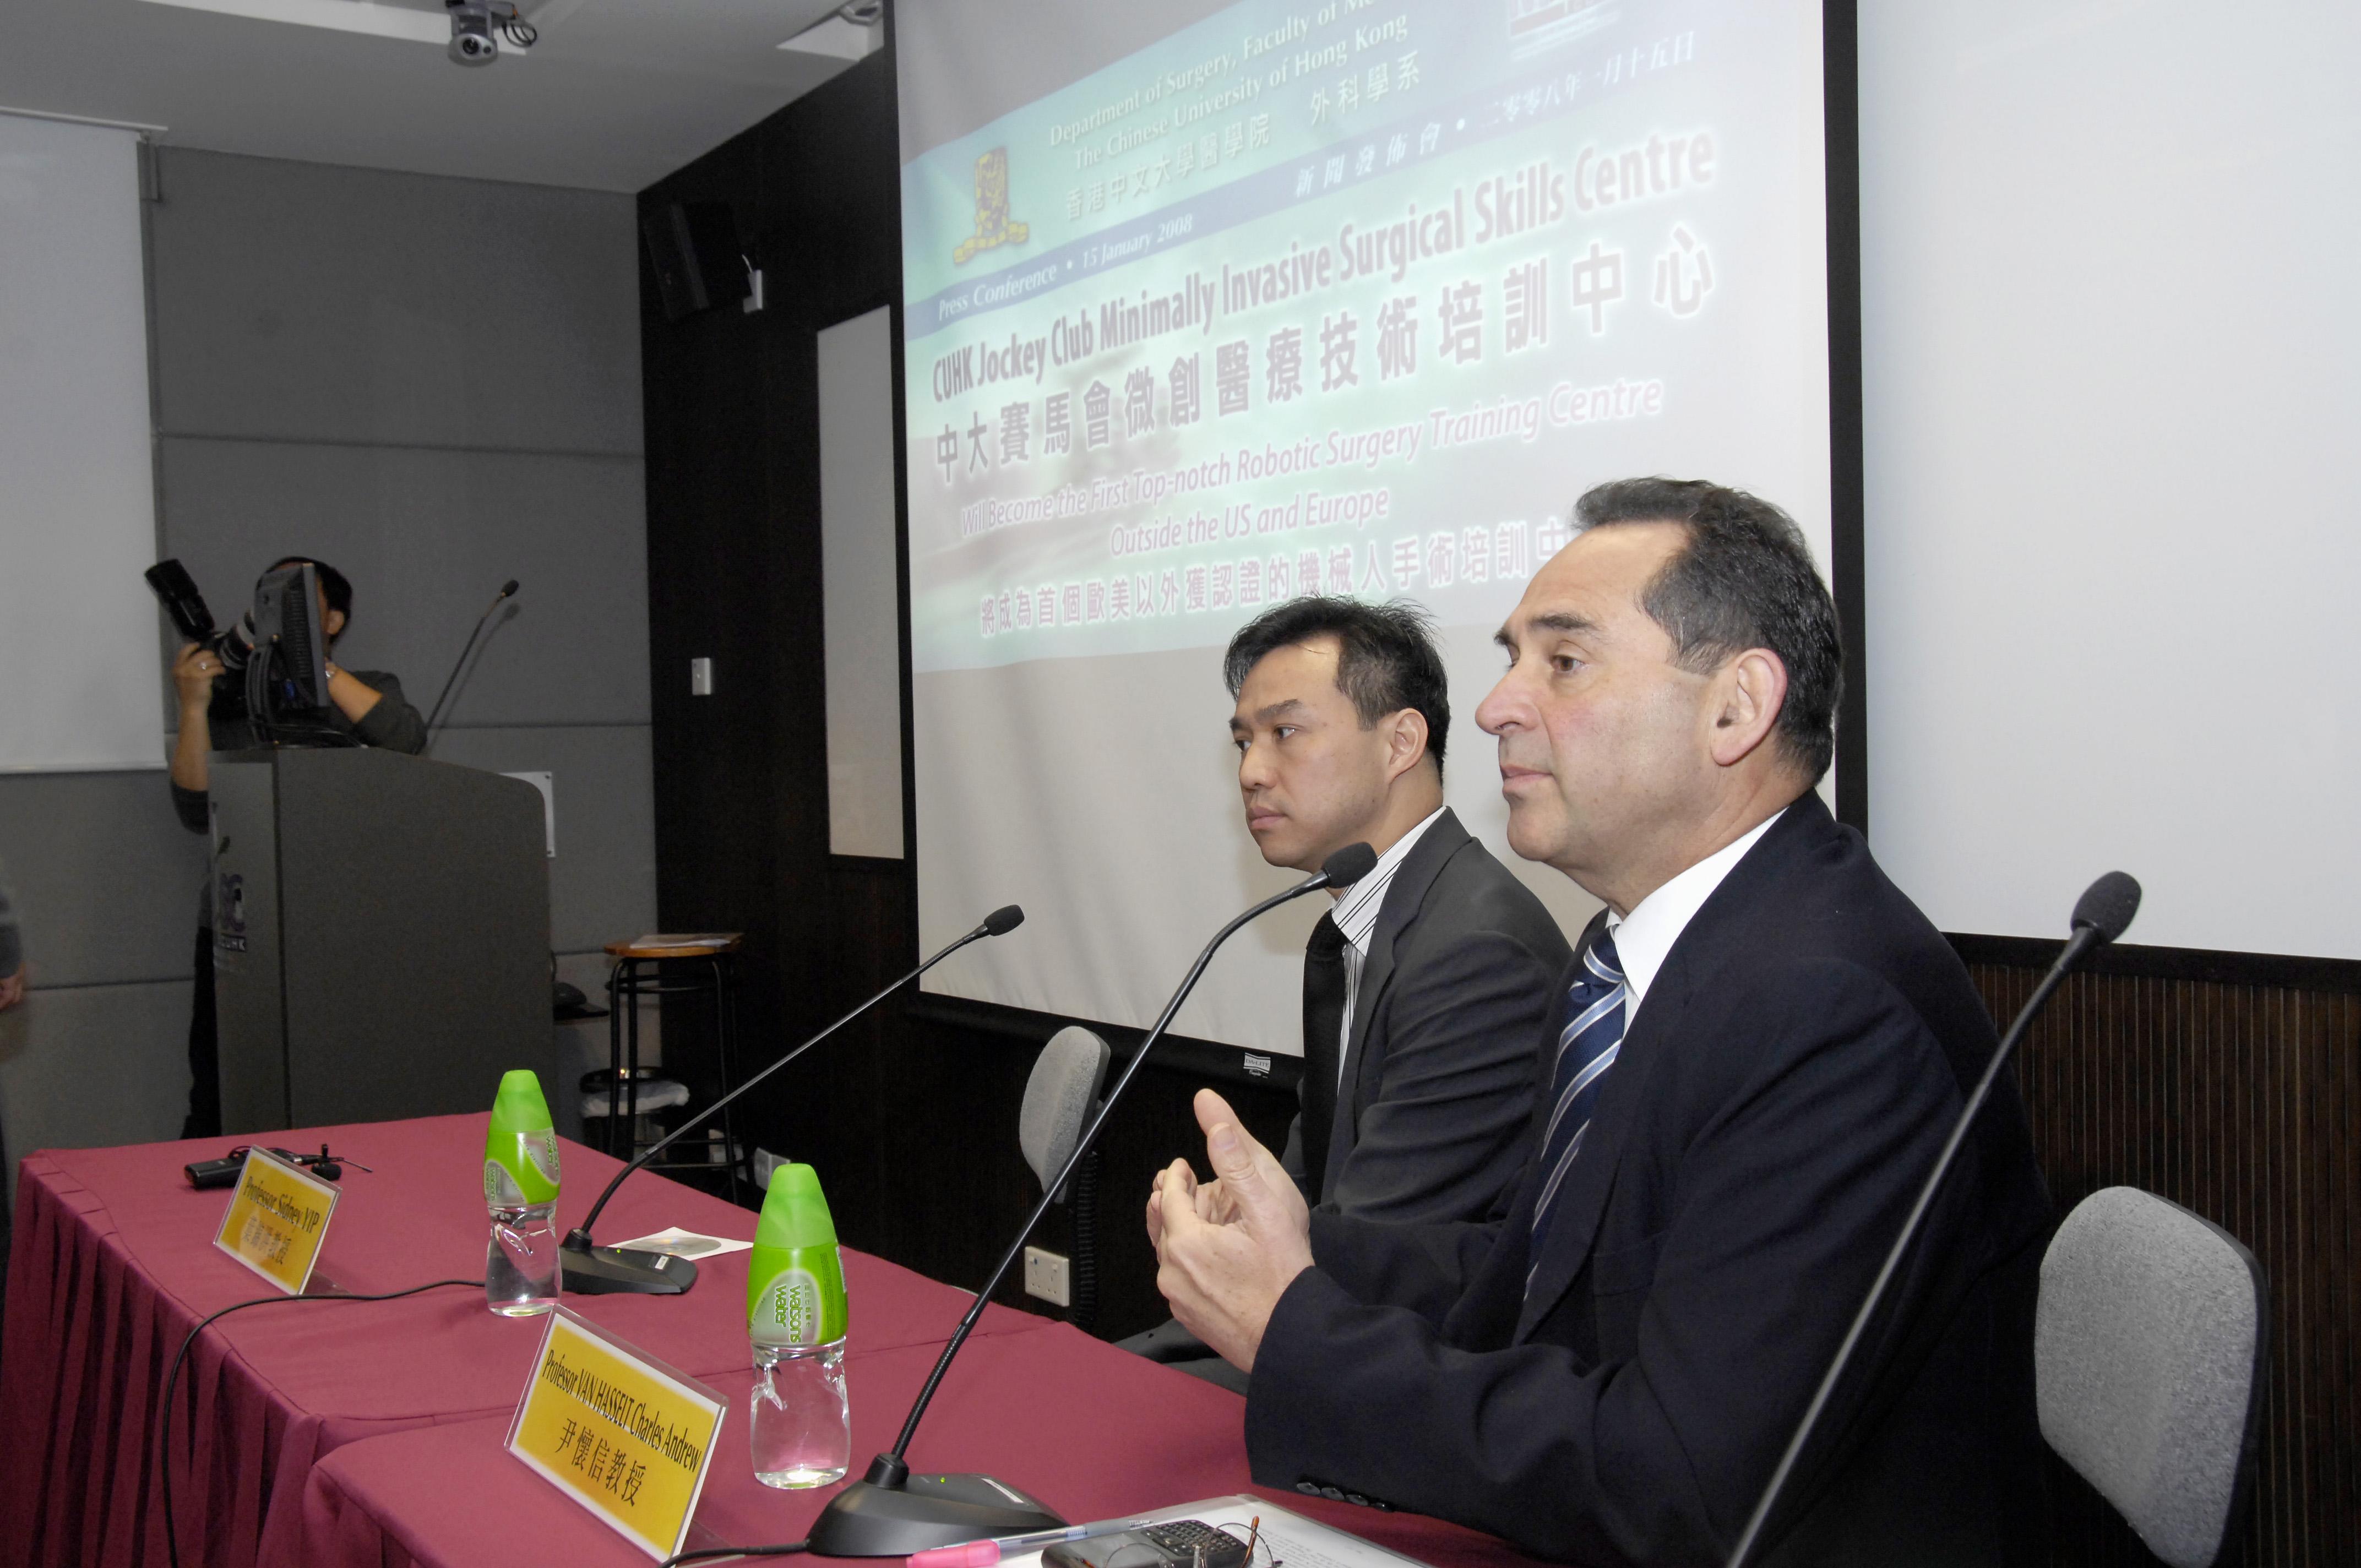 中大外科學系系主任尹懷信教授(右)及外科學系泌尿科主管葉錦洪教授